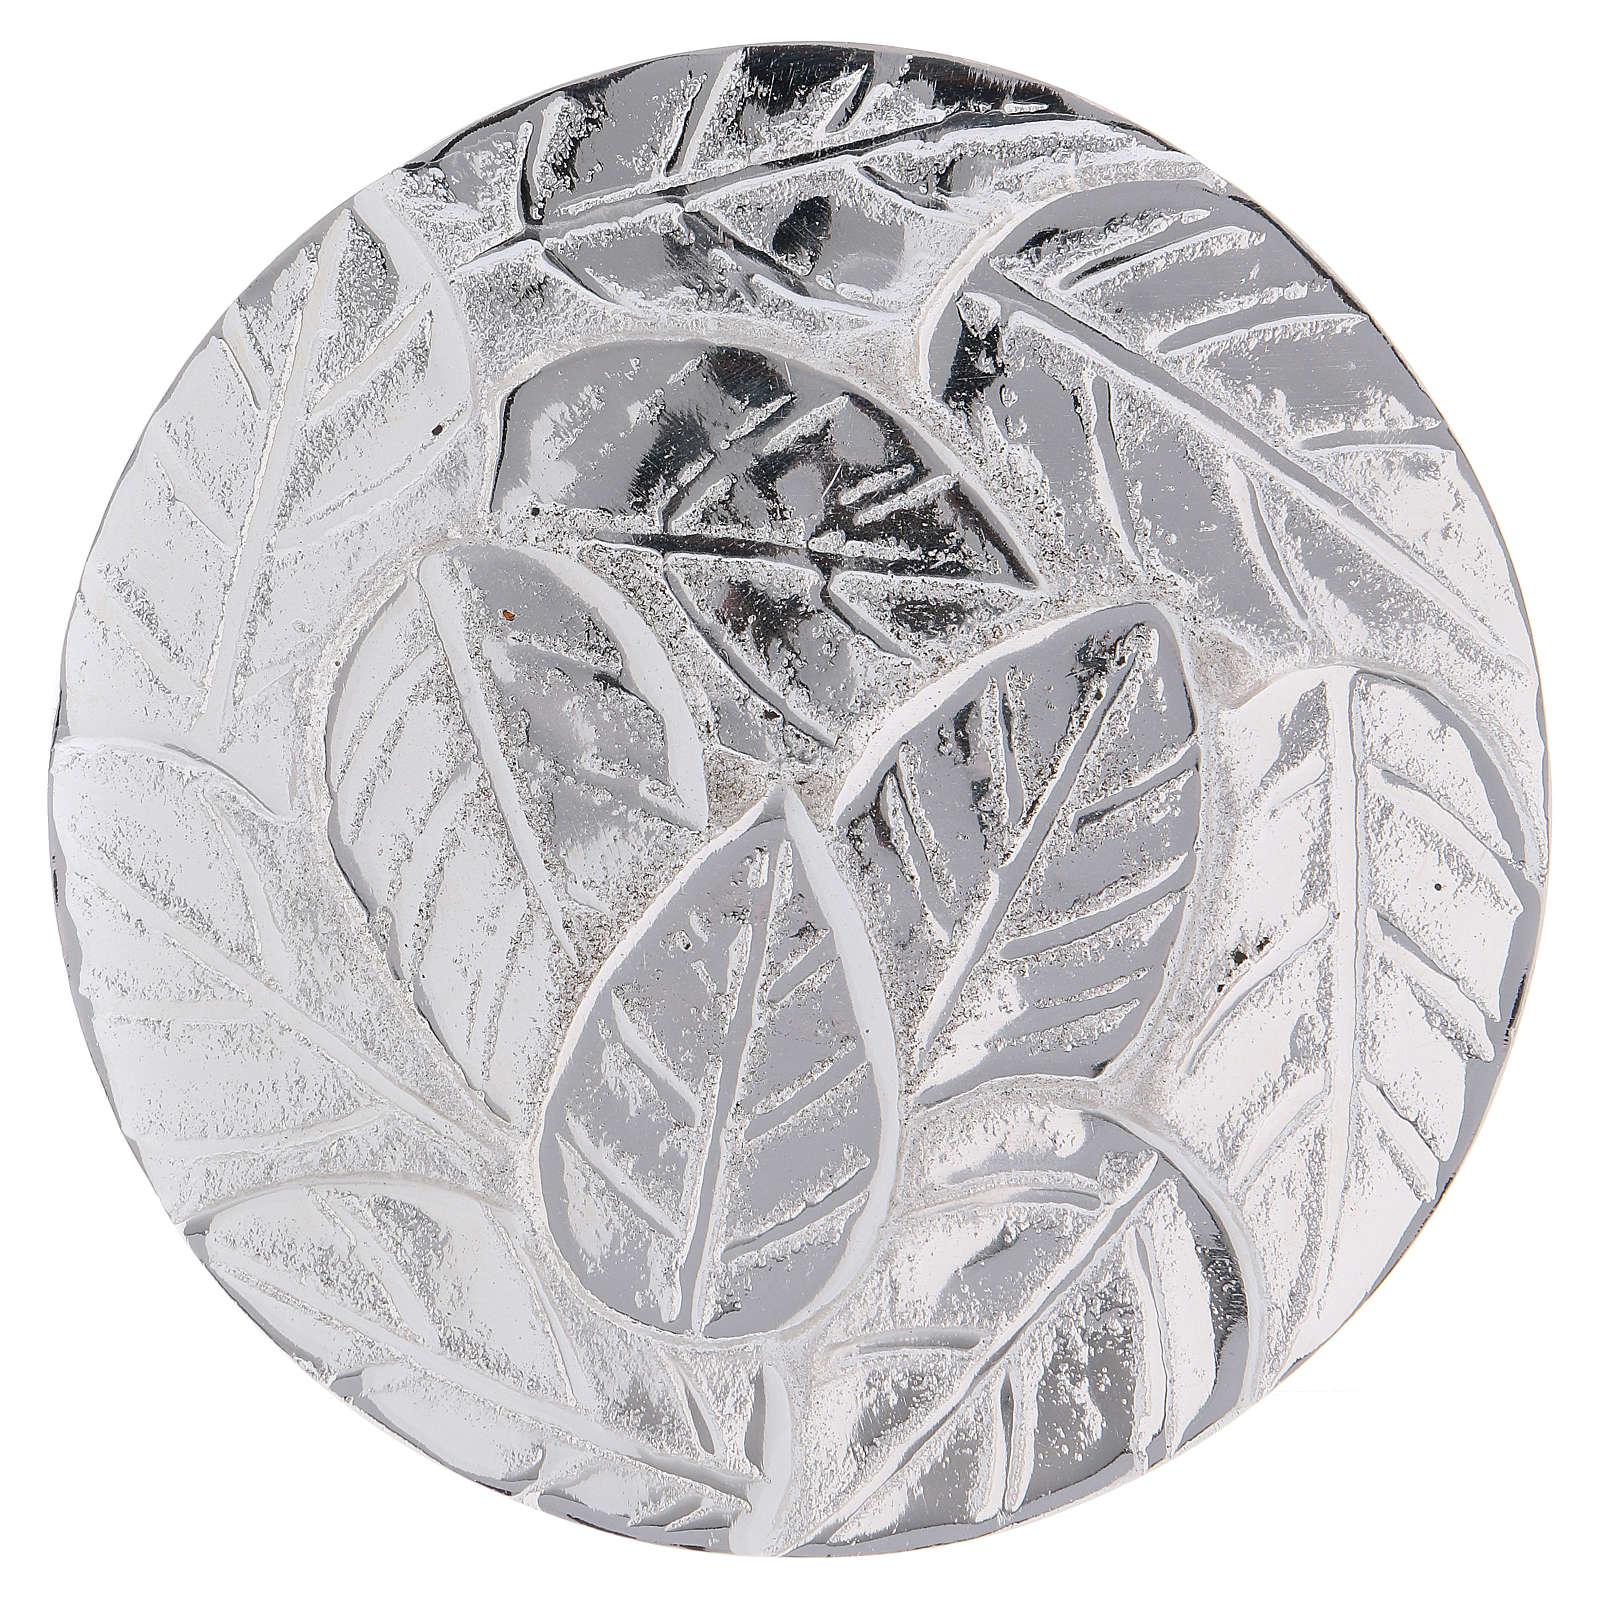 Piattino portacandela decoro foglie alluminio argento ottico 9 cm 3